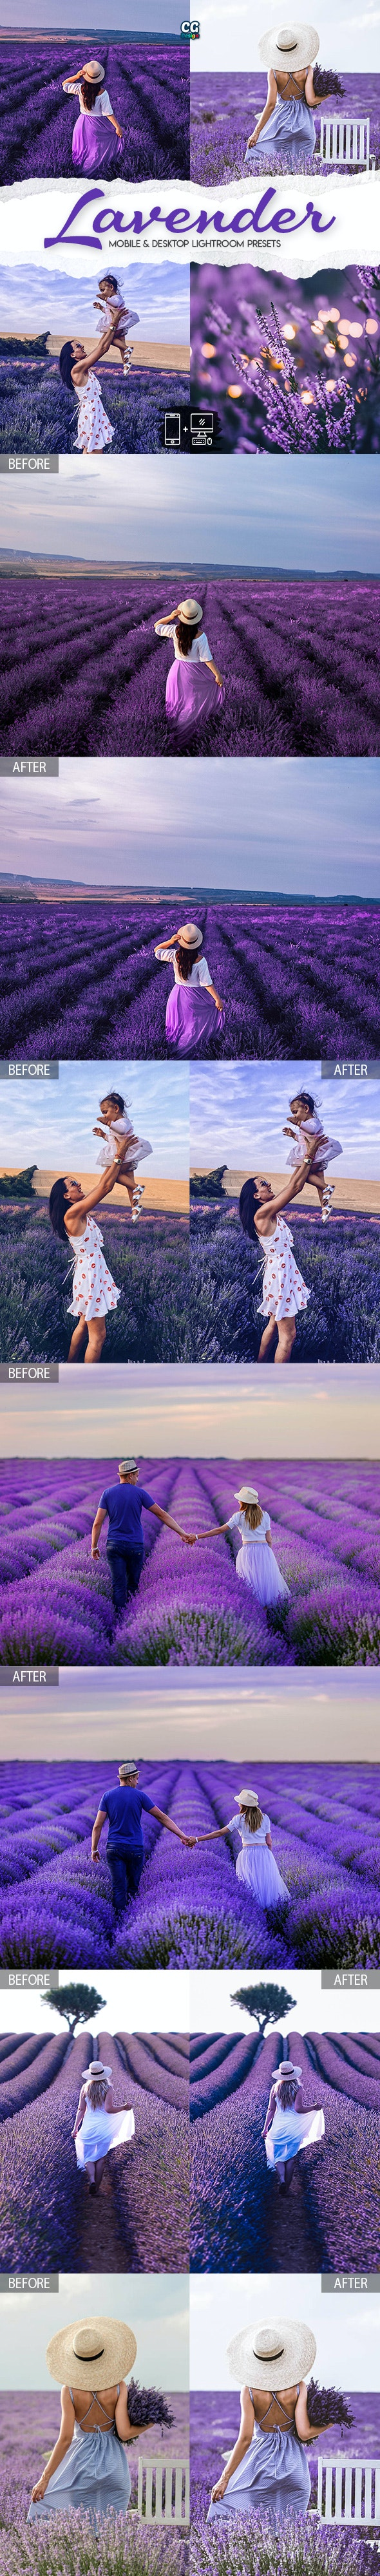 Lavender Lightroom Presets - 15 Premium Lightroom Presets - Landscape Lightroom Presets